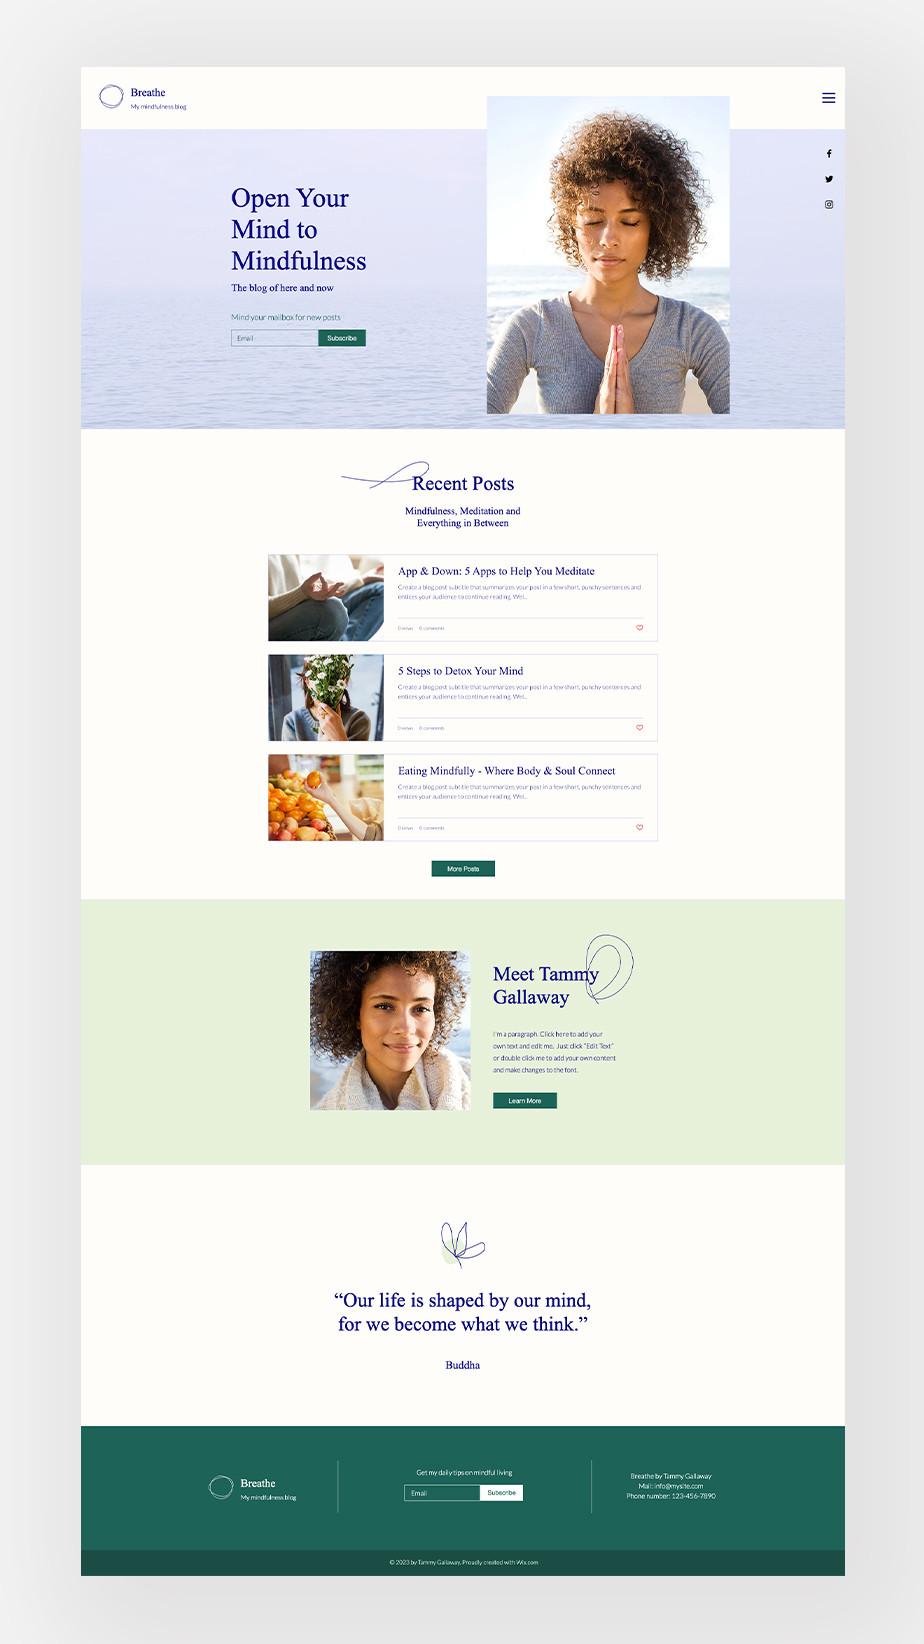 wellness blog niche ideas